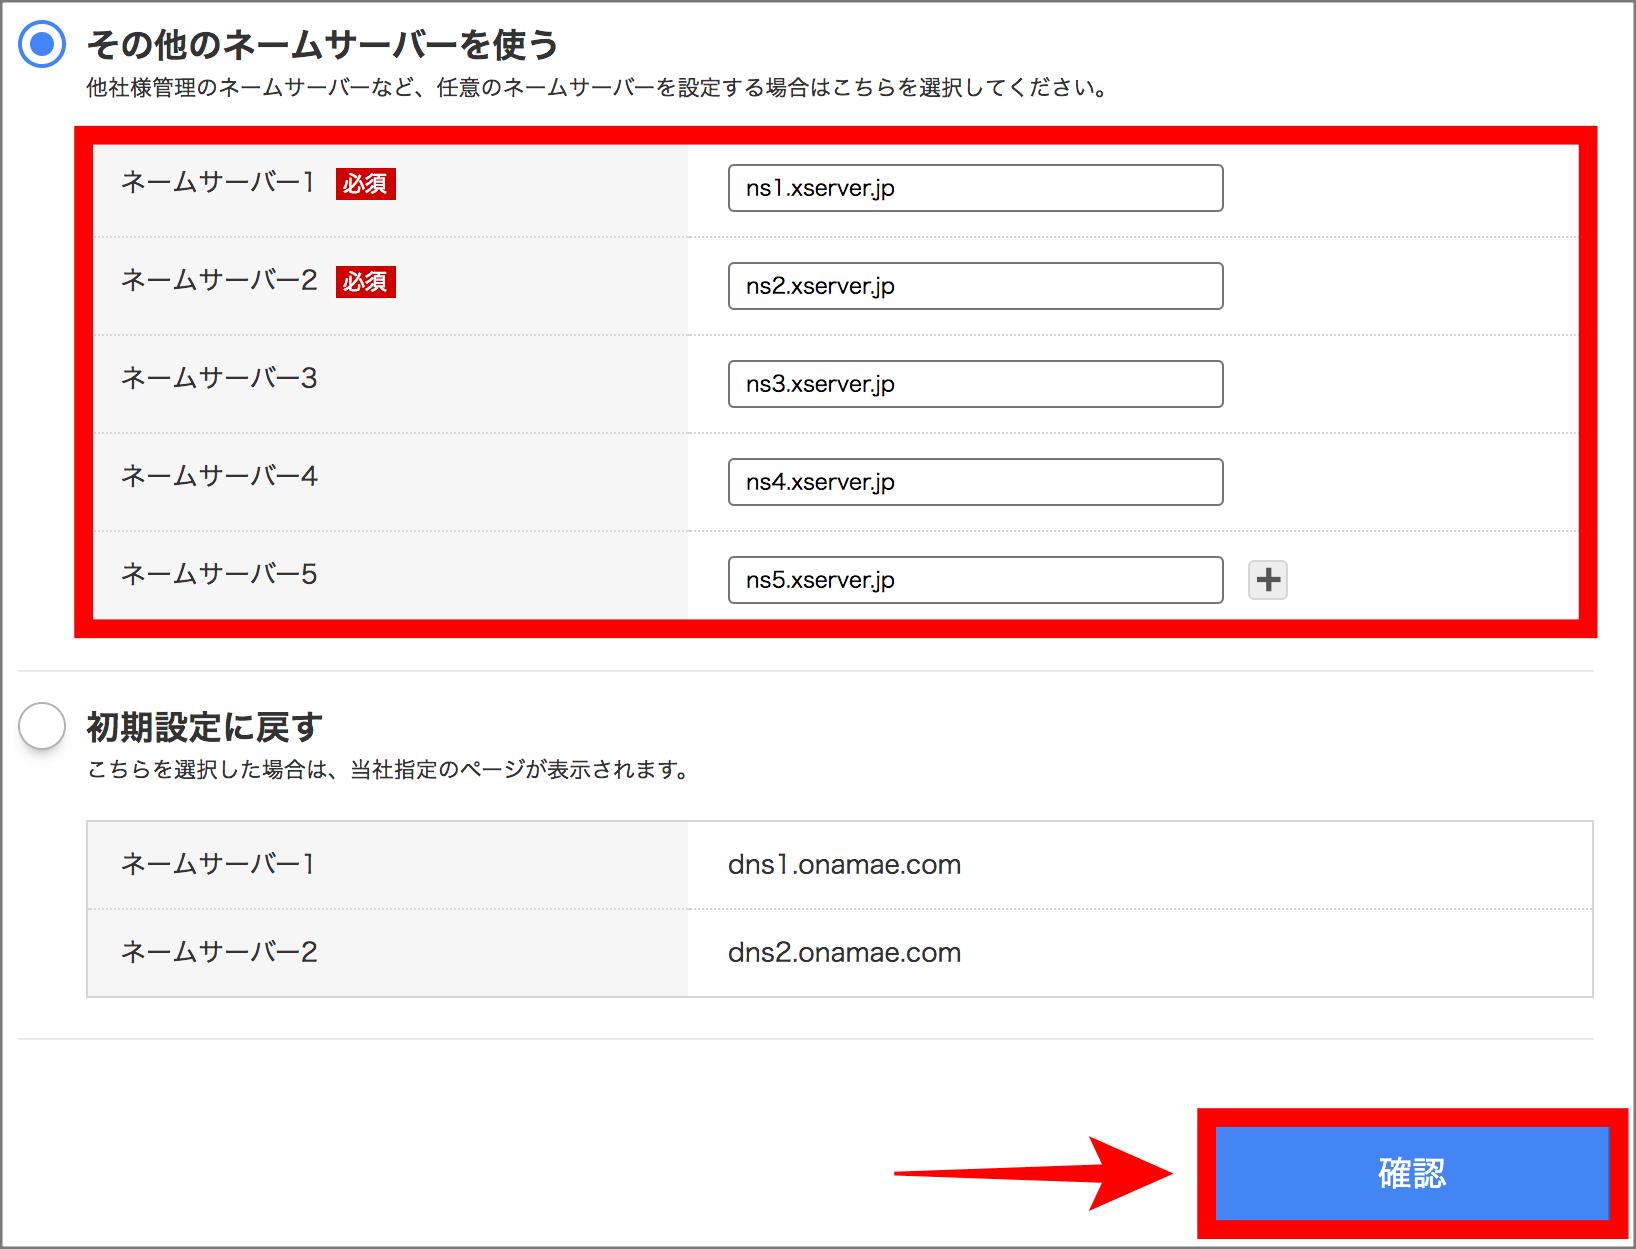 ネームサーバー情報